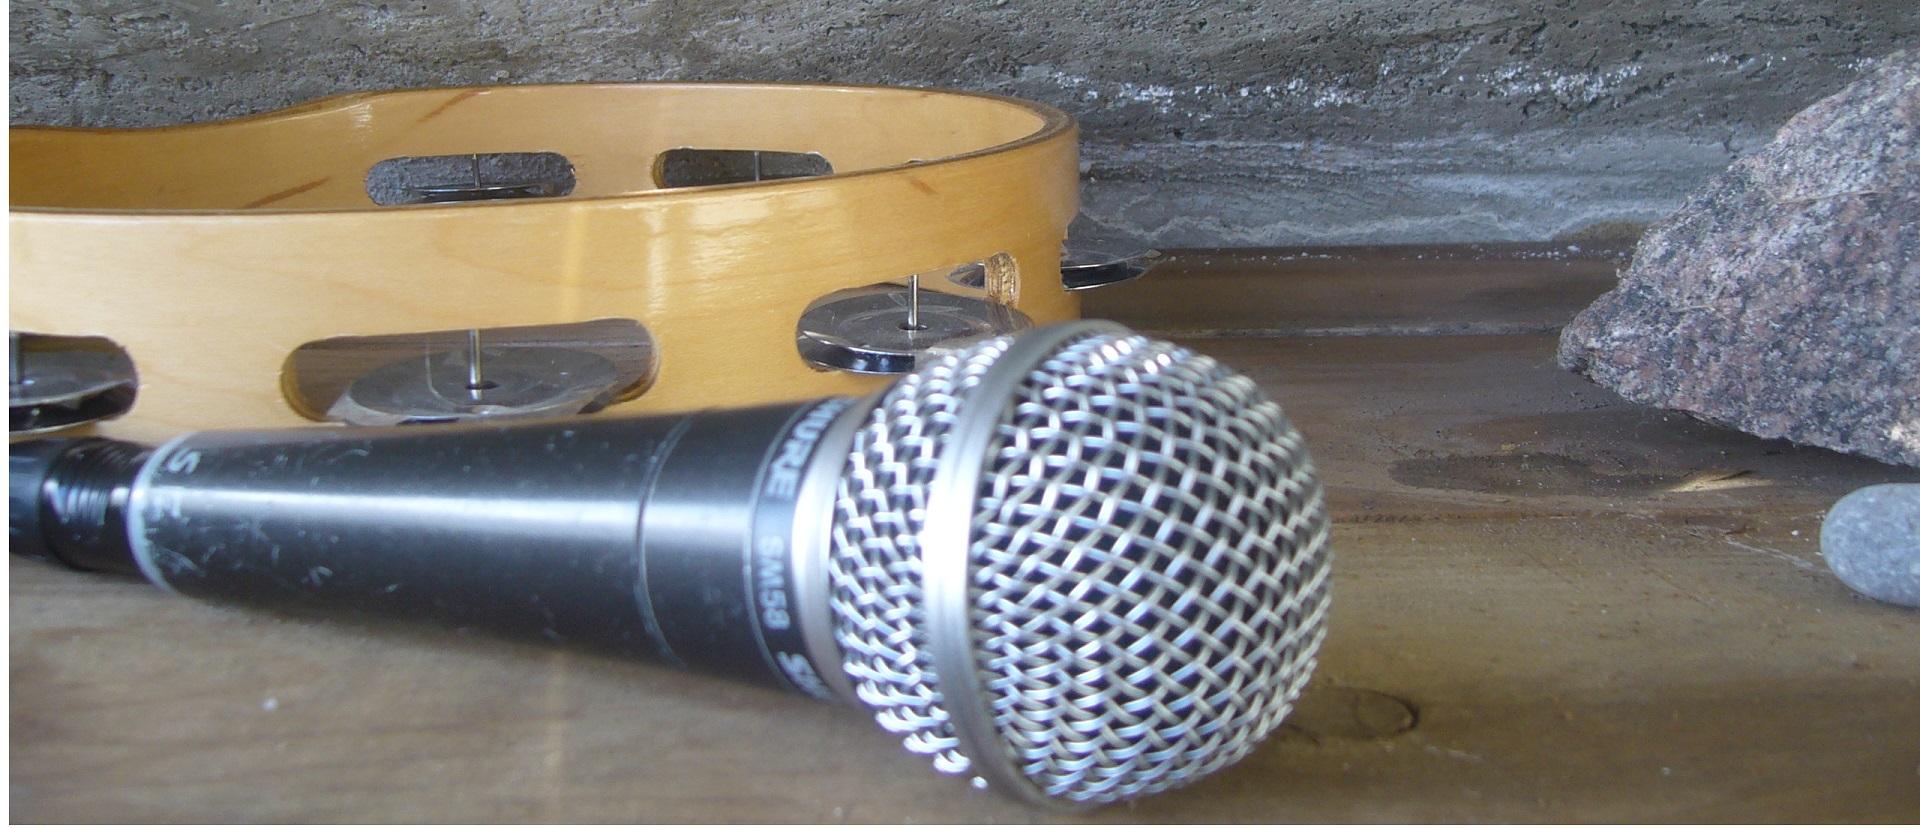 Ateliers de chant pour adultes et enfants janvier 2019